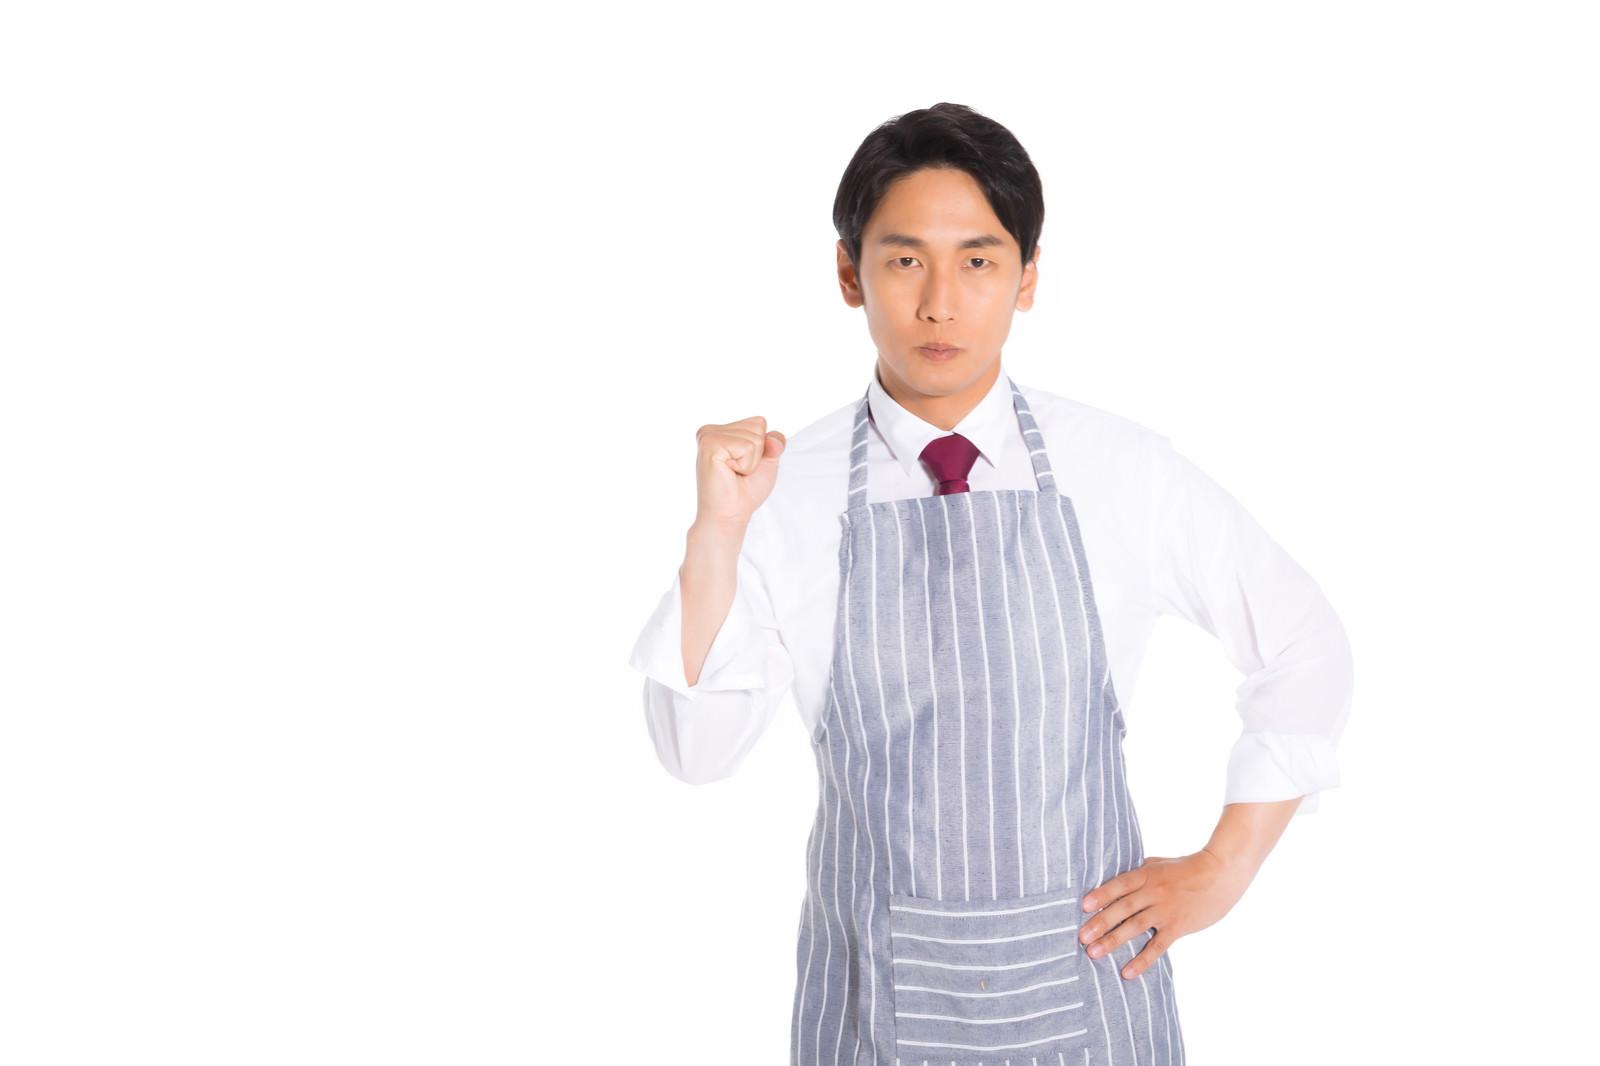 「スーツにエプロン男子が挑戦」の写真[モデル:大川竜弥]